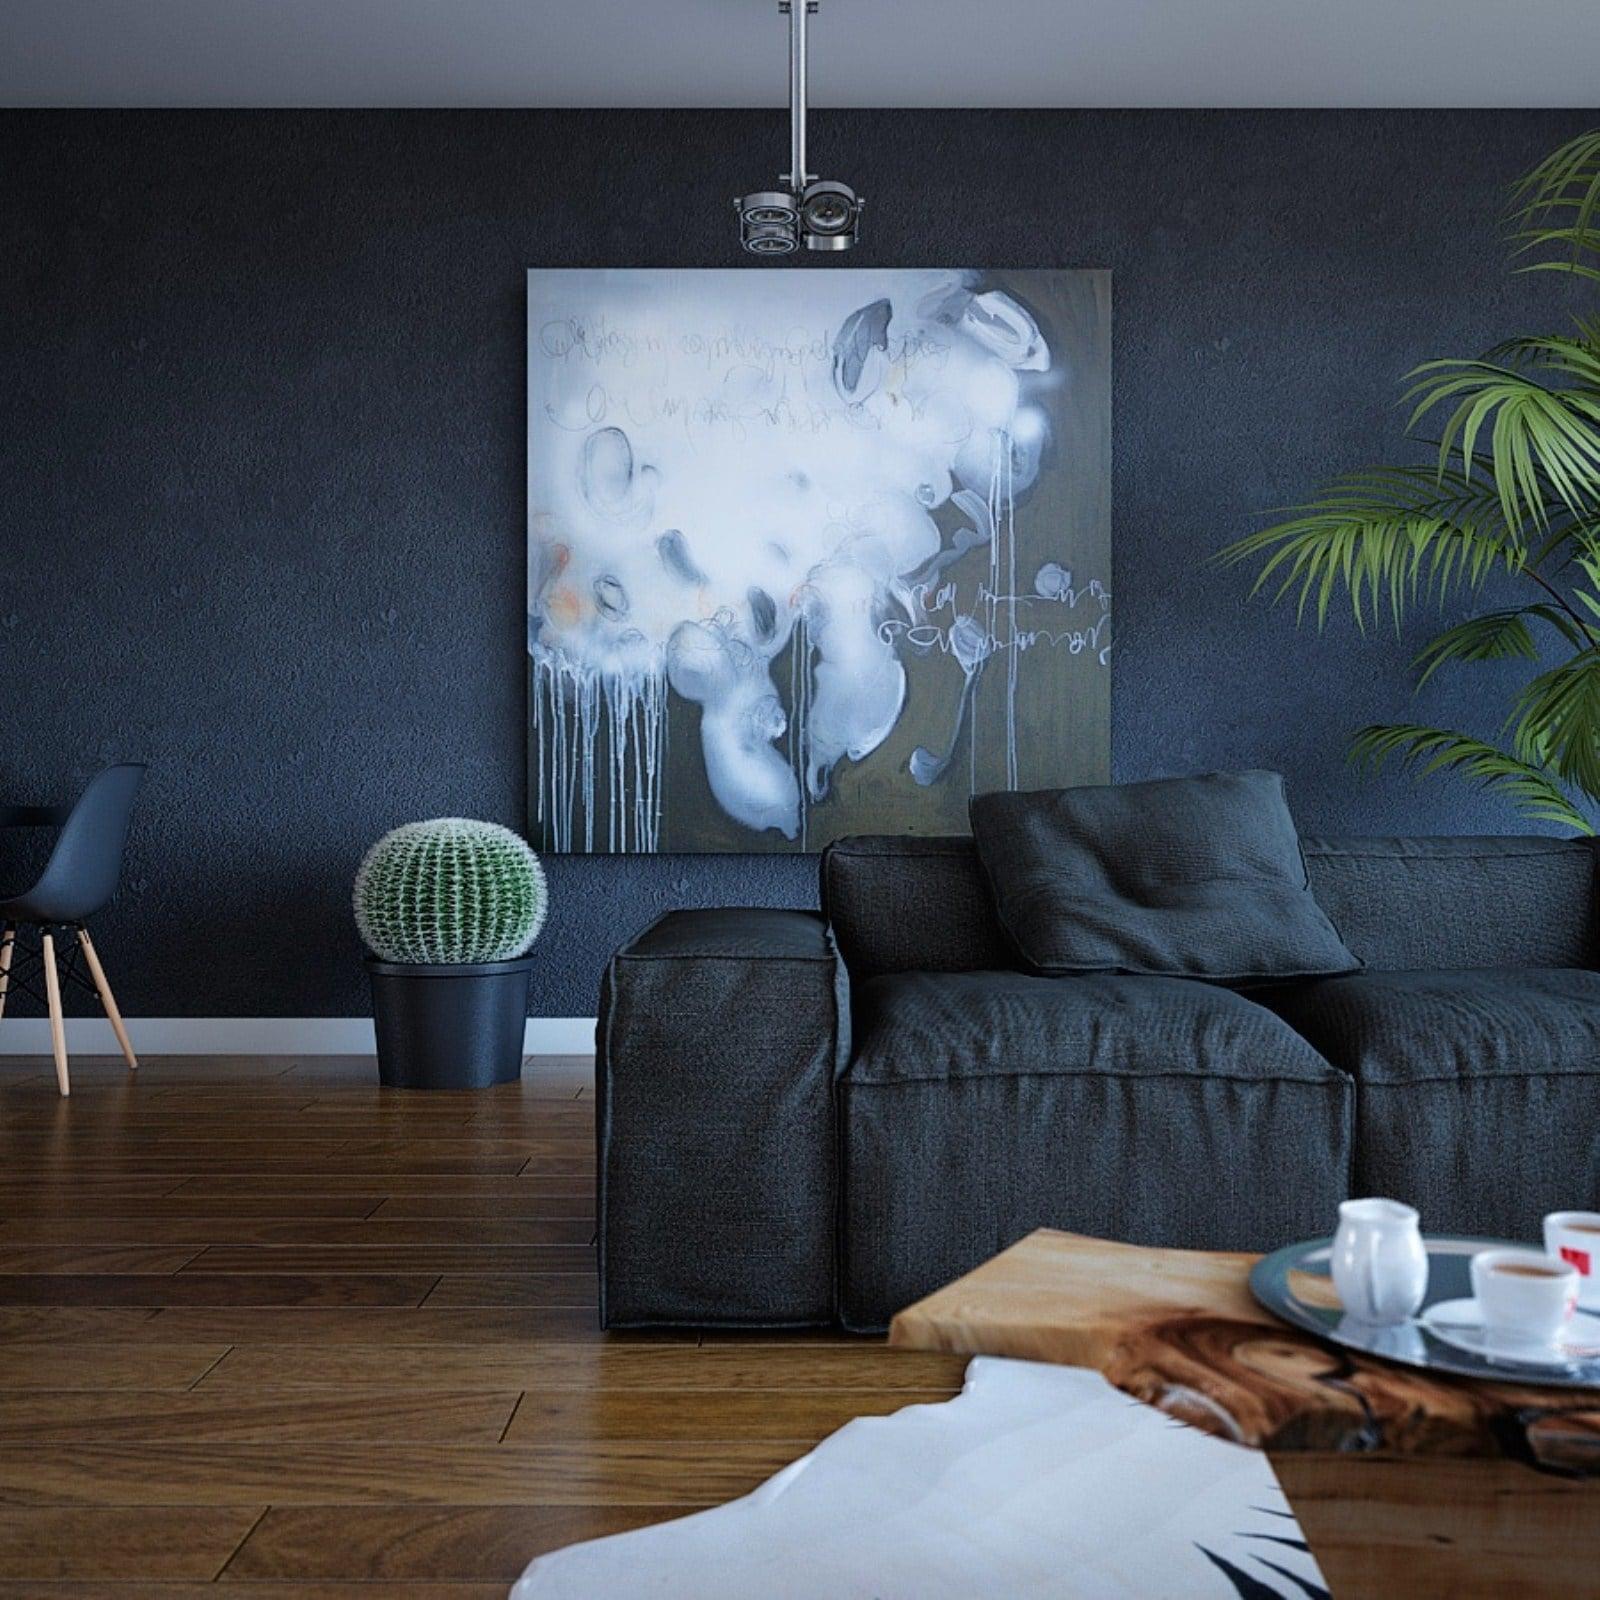 decorar-casa-criatividade